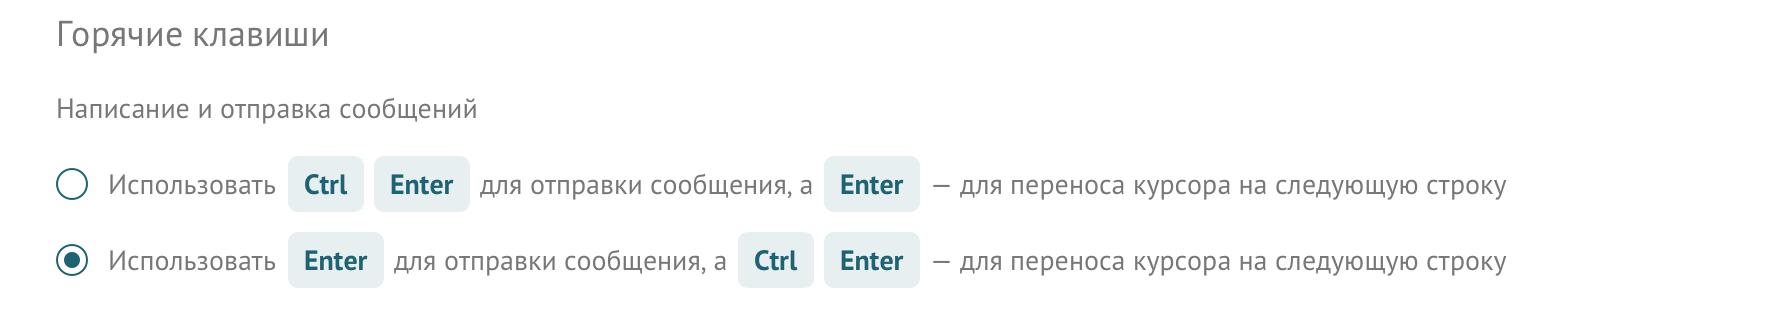 горячие клавиши для отправки сообщений в чате